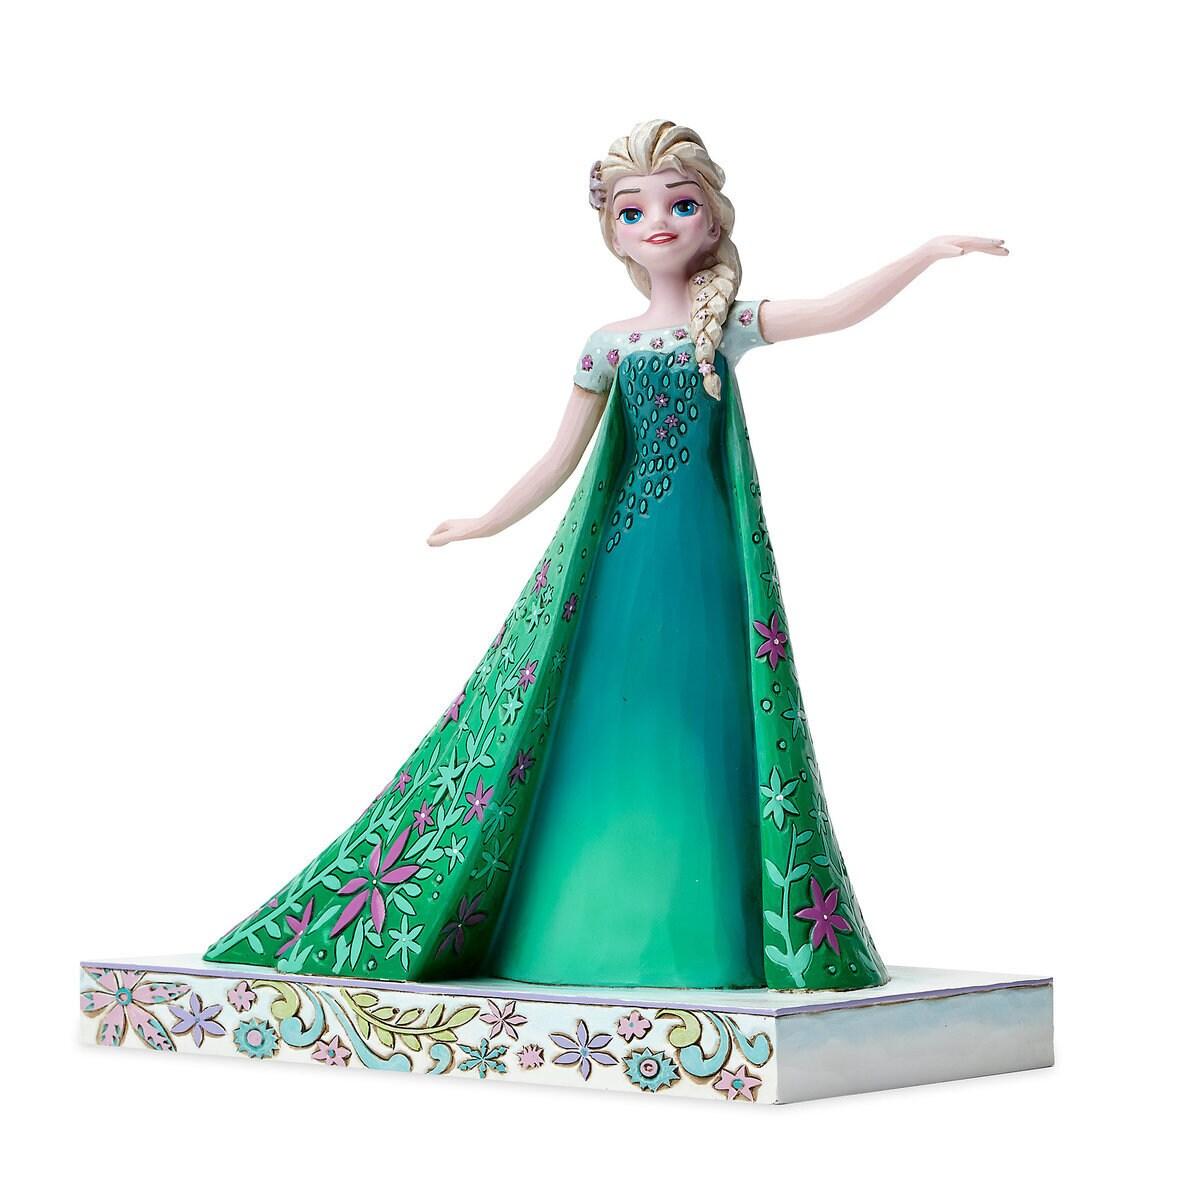 Elsa figure by jim shore frozen fever shopdisney elsa figure by jim shore frozen fever voltagebd Choice Image